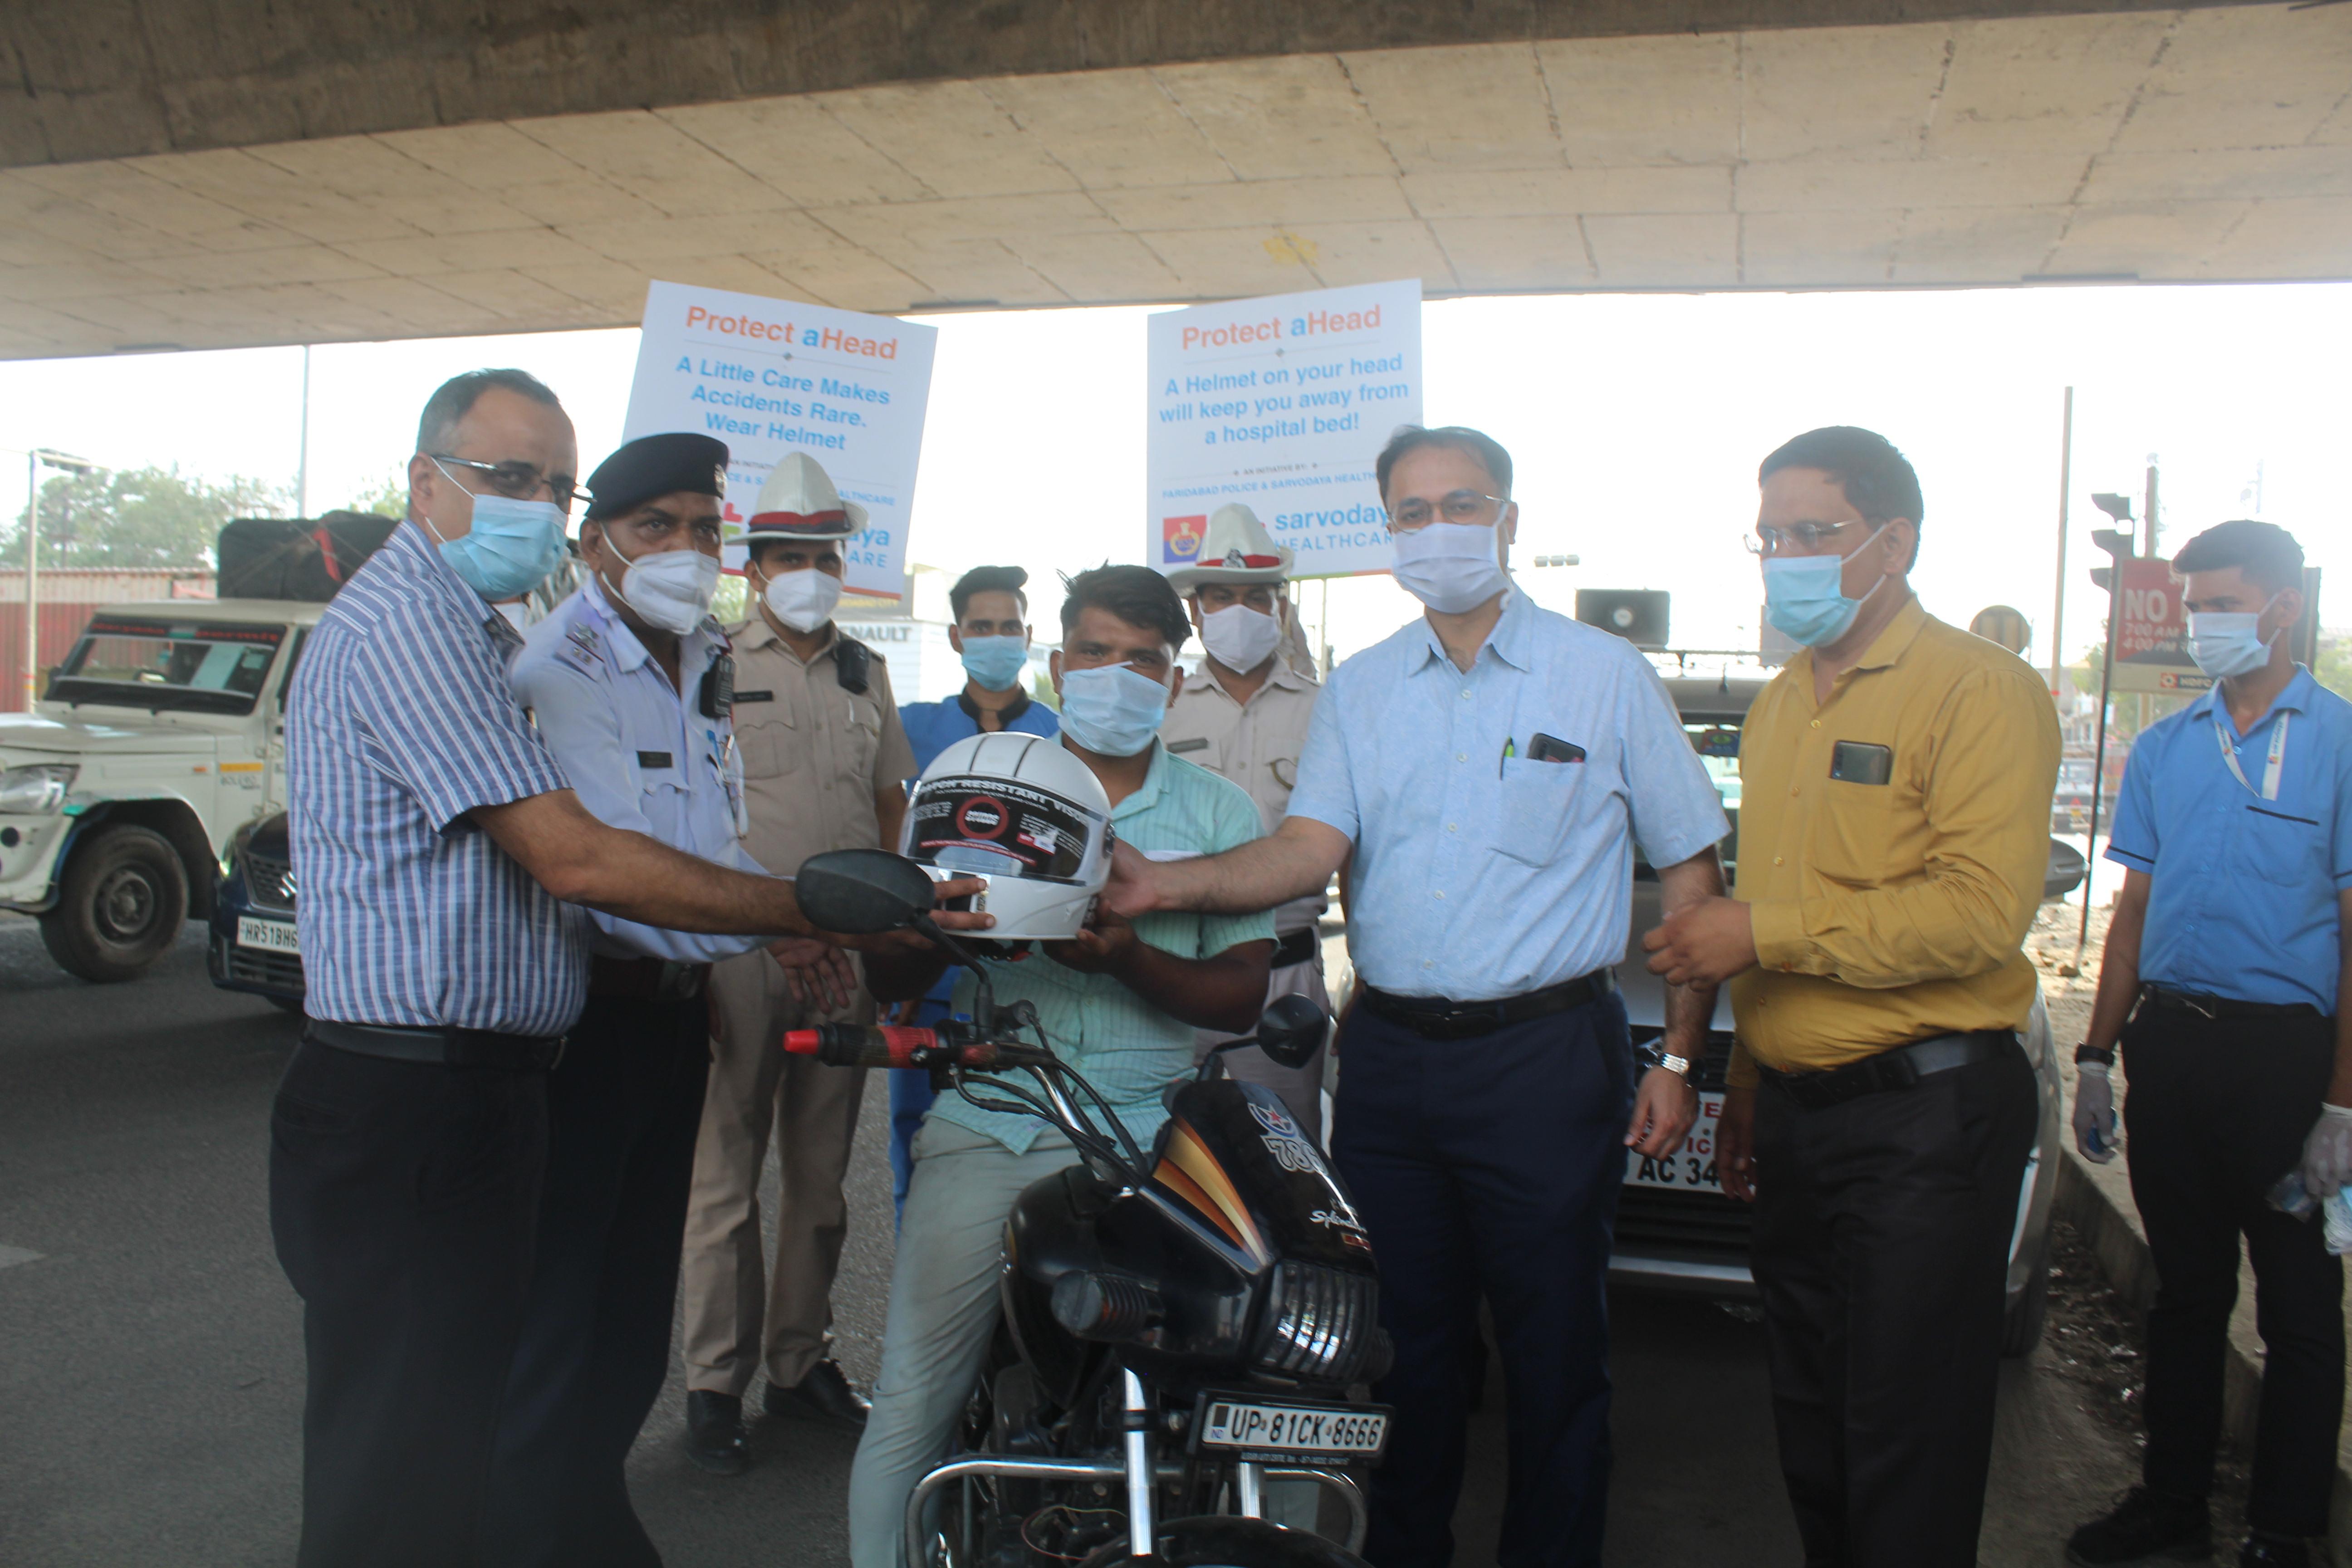 फरीदाबाद। जागरूकता अभियान के तहत हेलमेट भी दिए गए। - Dainik Bhaskar